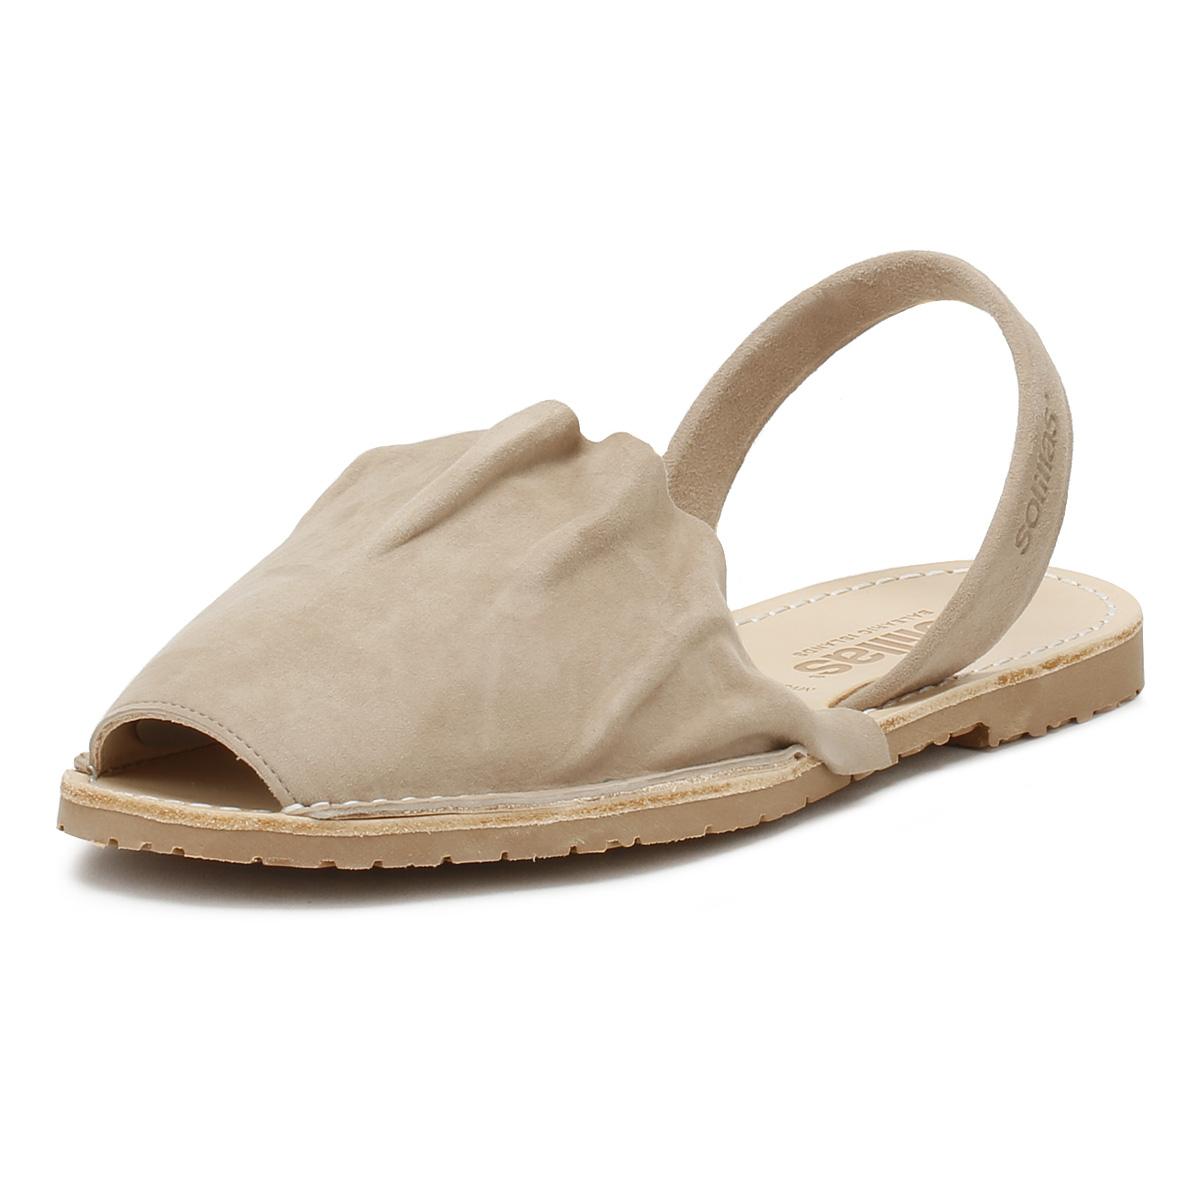 Charmant Solillas Femme Sandales Taupe Volant Daim Chaussures D'été Chaussures De Loisirs-afficher Le Titre D'origine Larges VariéTéS